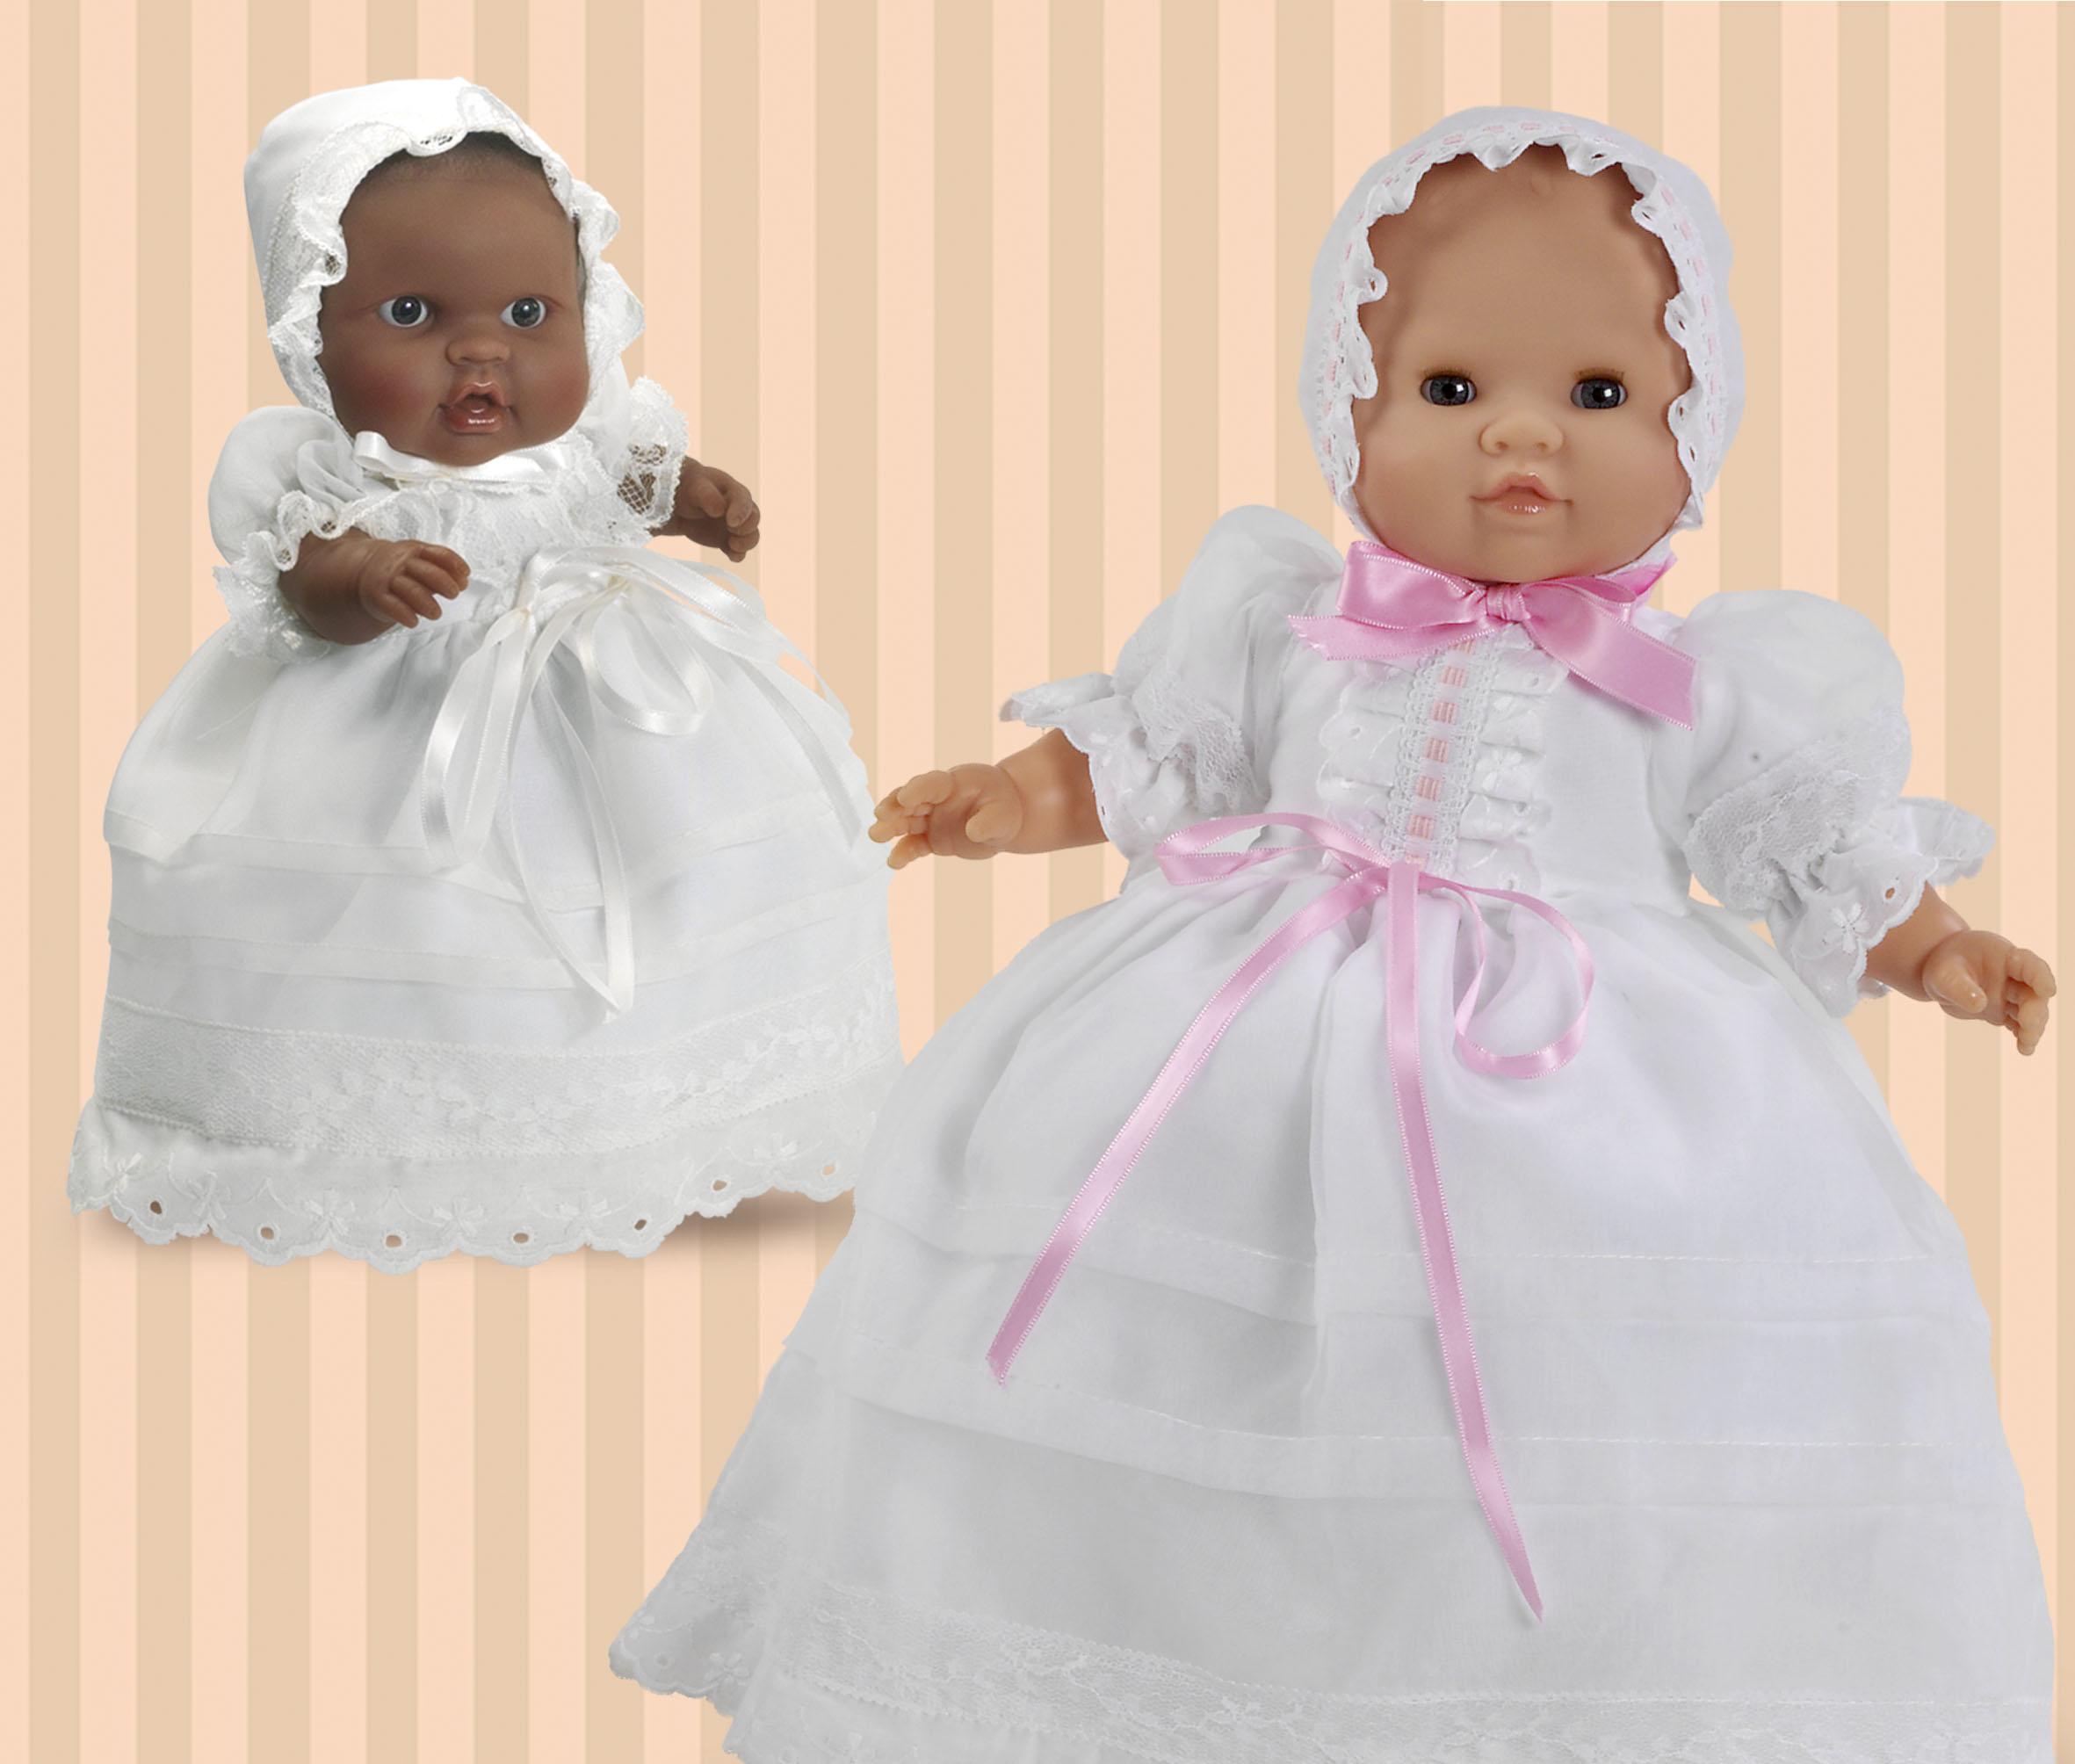 Muñecos bebés, recién nacidos y con faldón. | Paola Reina